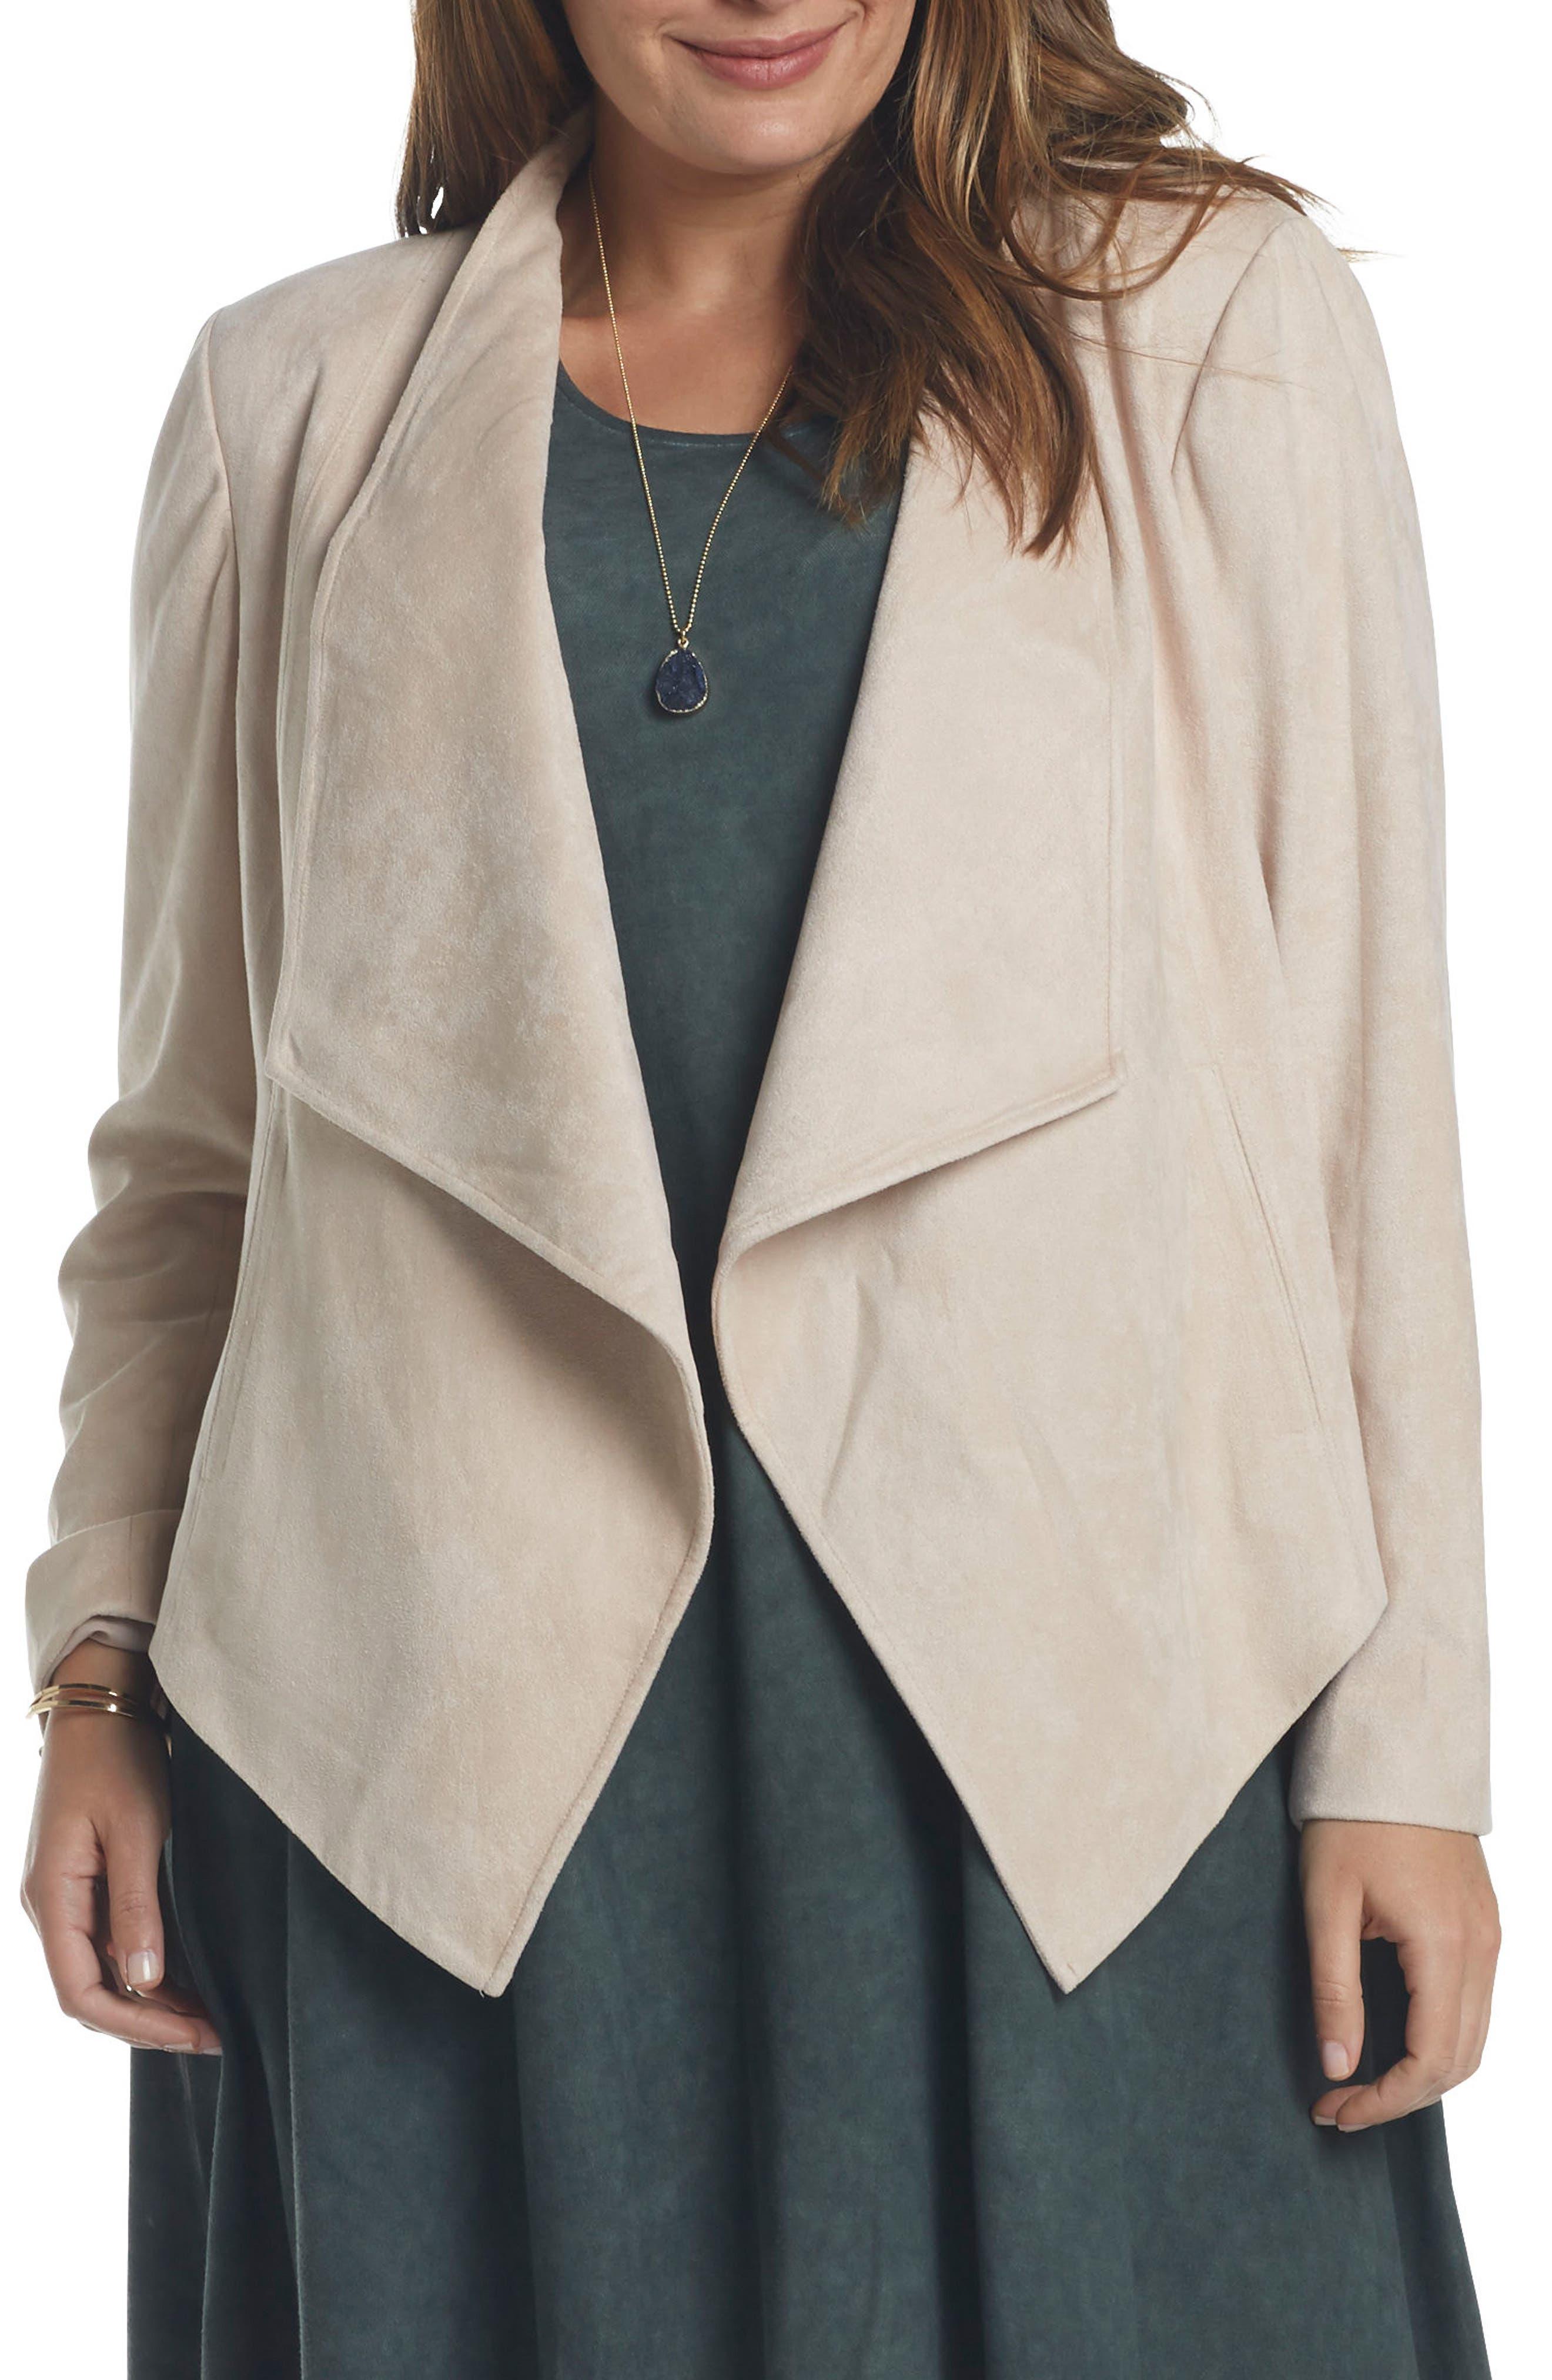 Sybil Faux Suede Drape Front Jacket,                         Main,                         color, 285